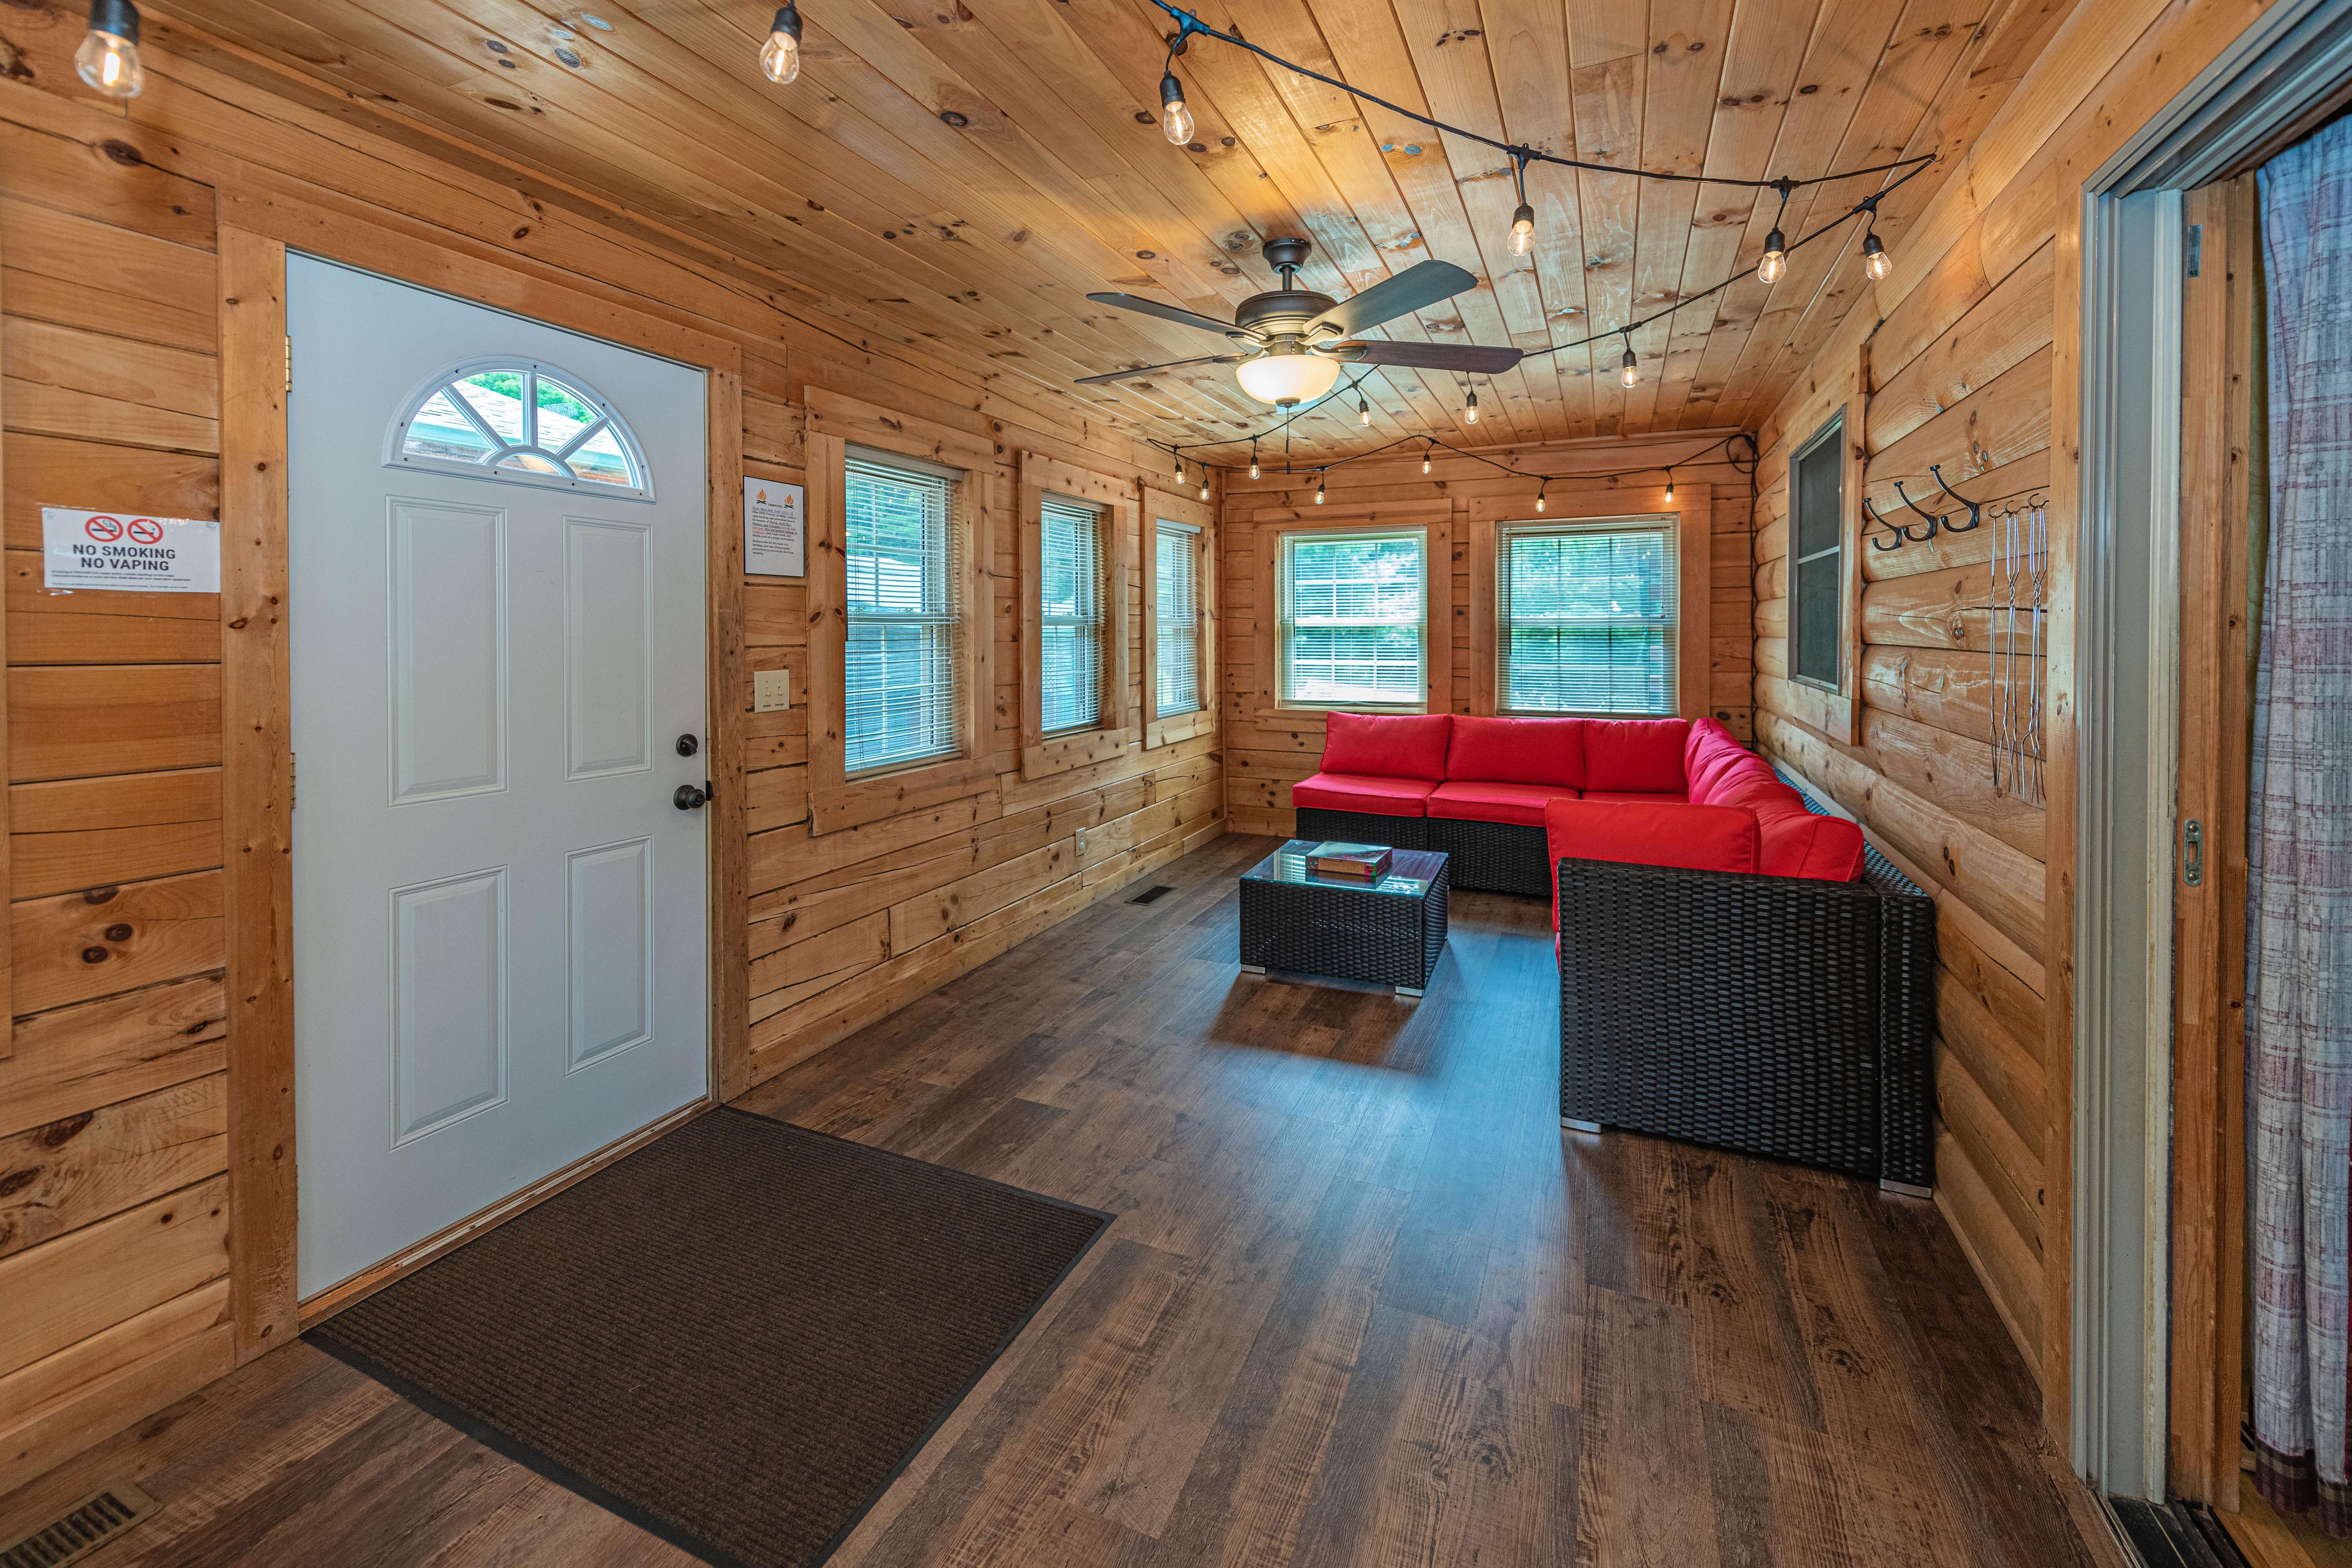 Photo 2006_11757.jpg - Sunrise Lodge Three Season Room